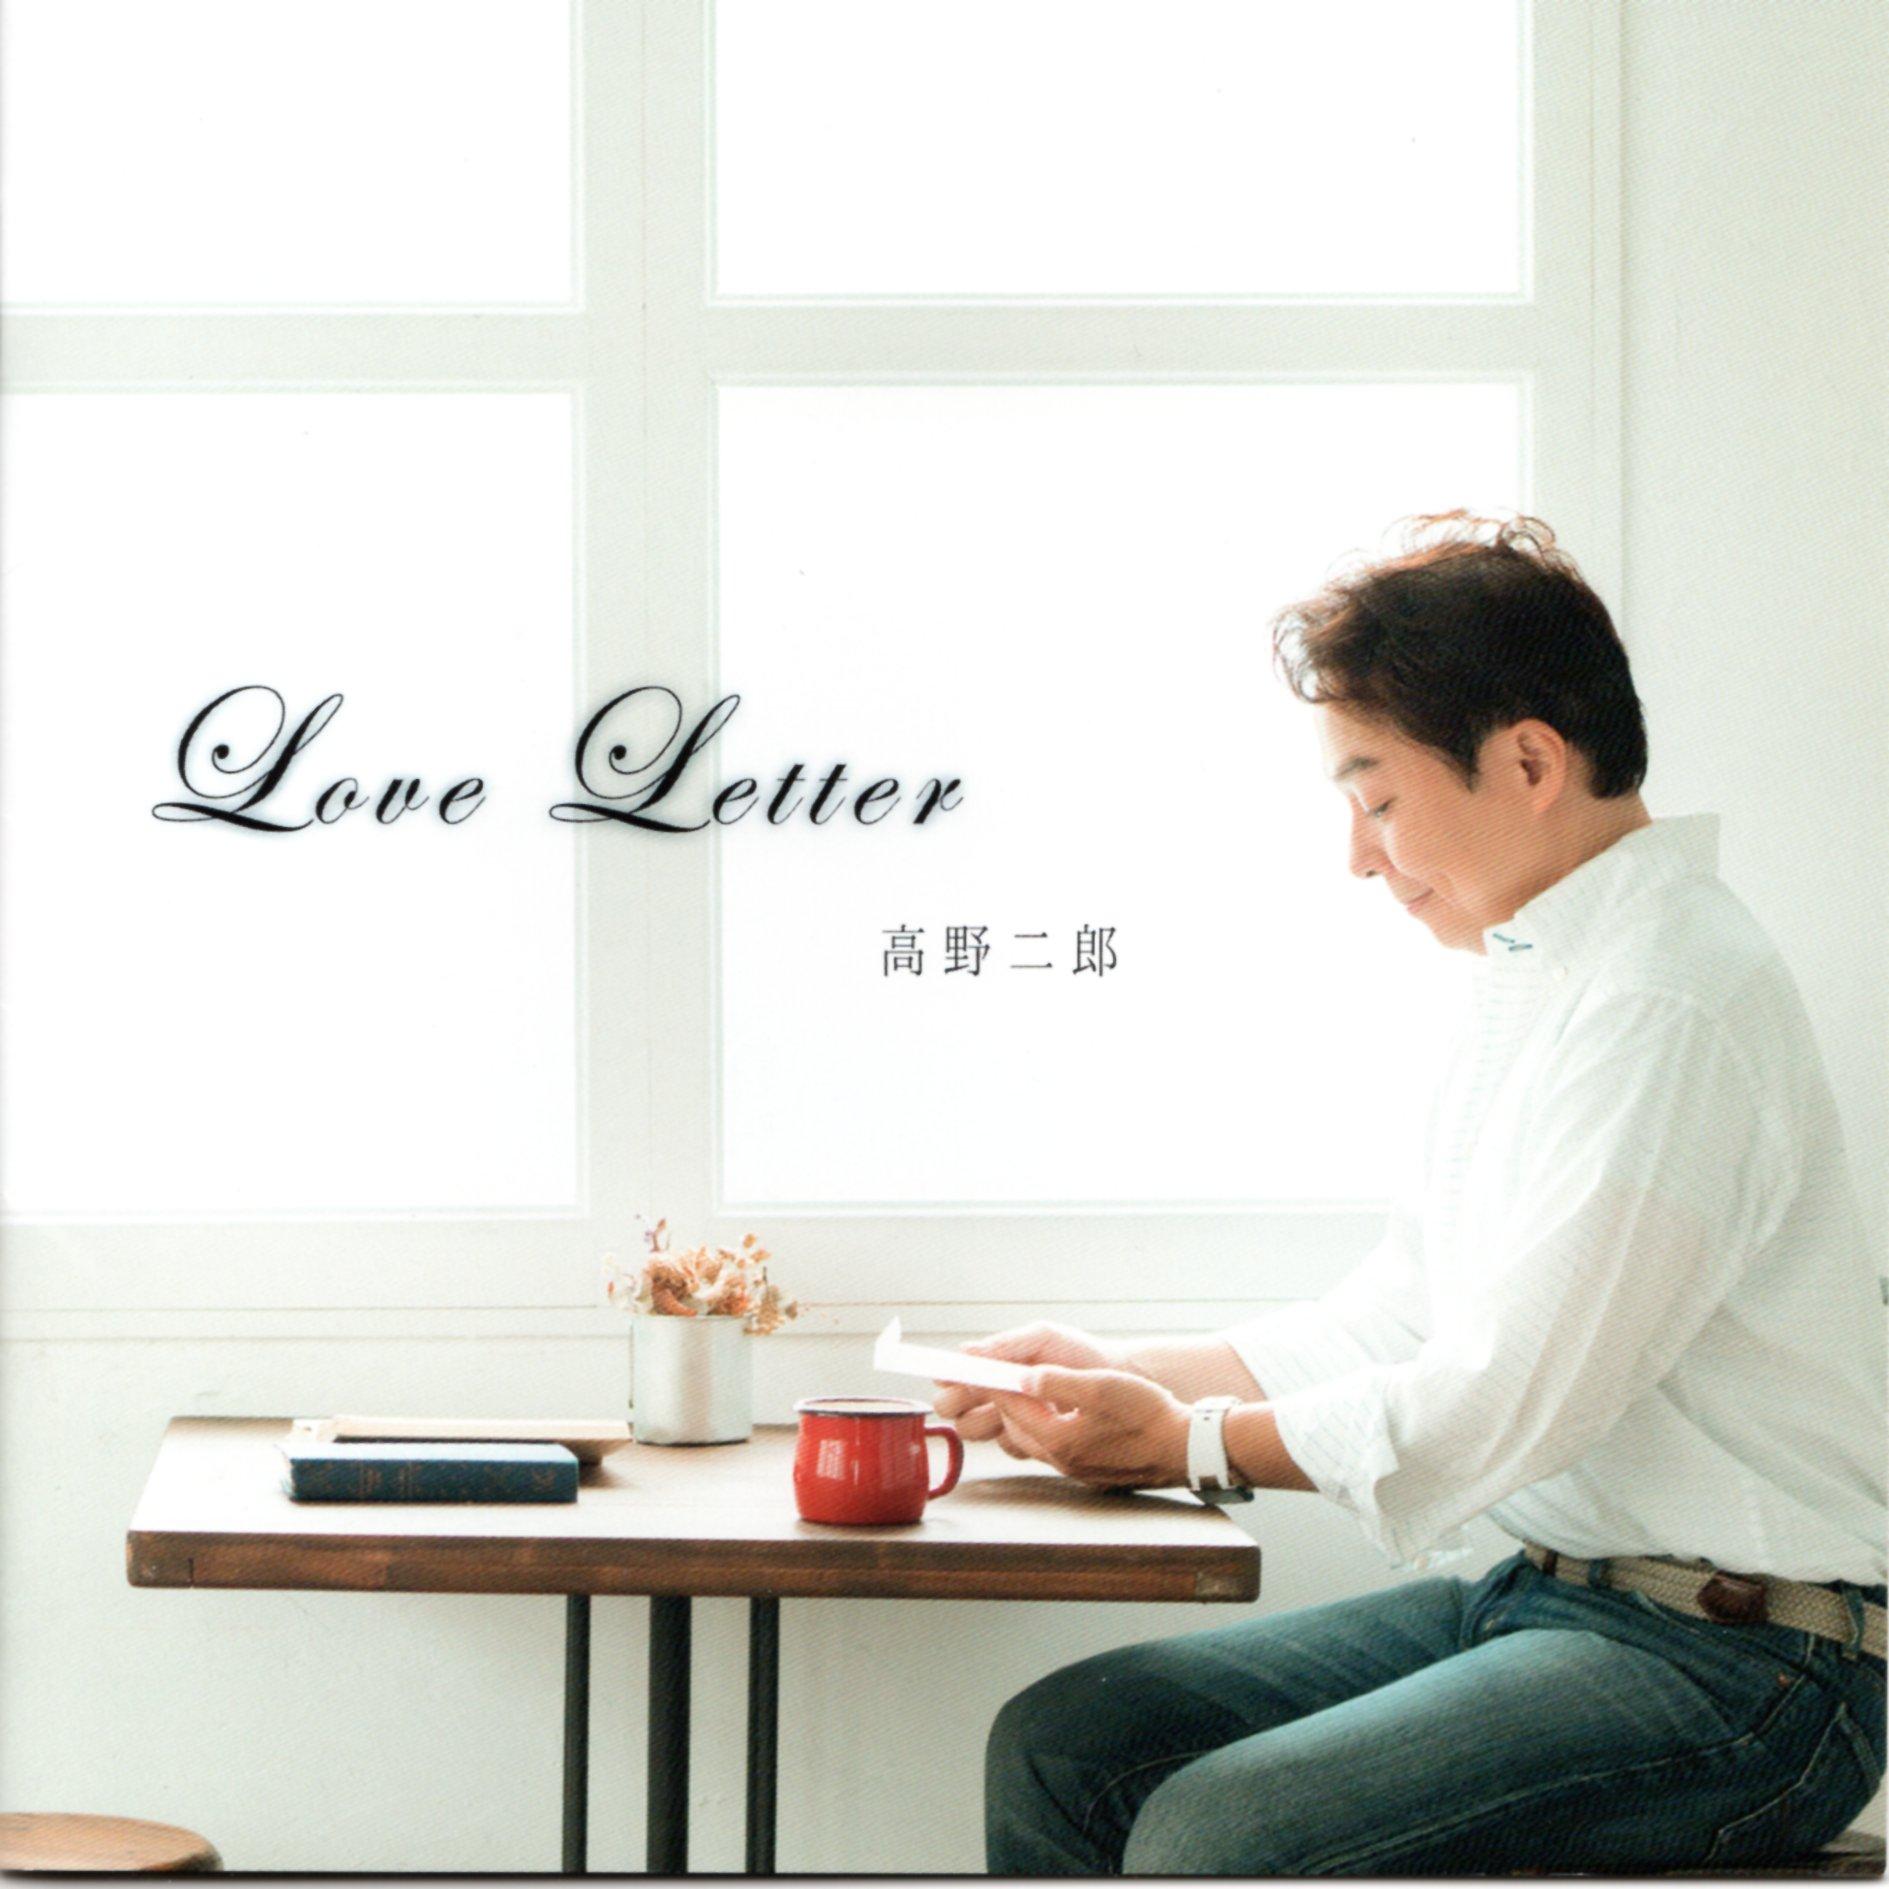 オリジナルポップスアルバム「Love Letter」絶賛発売中のイメージ